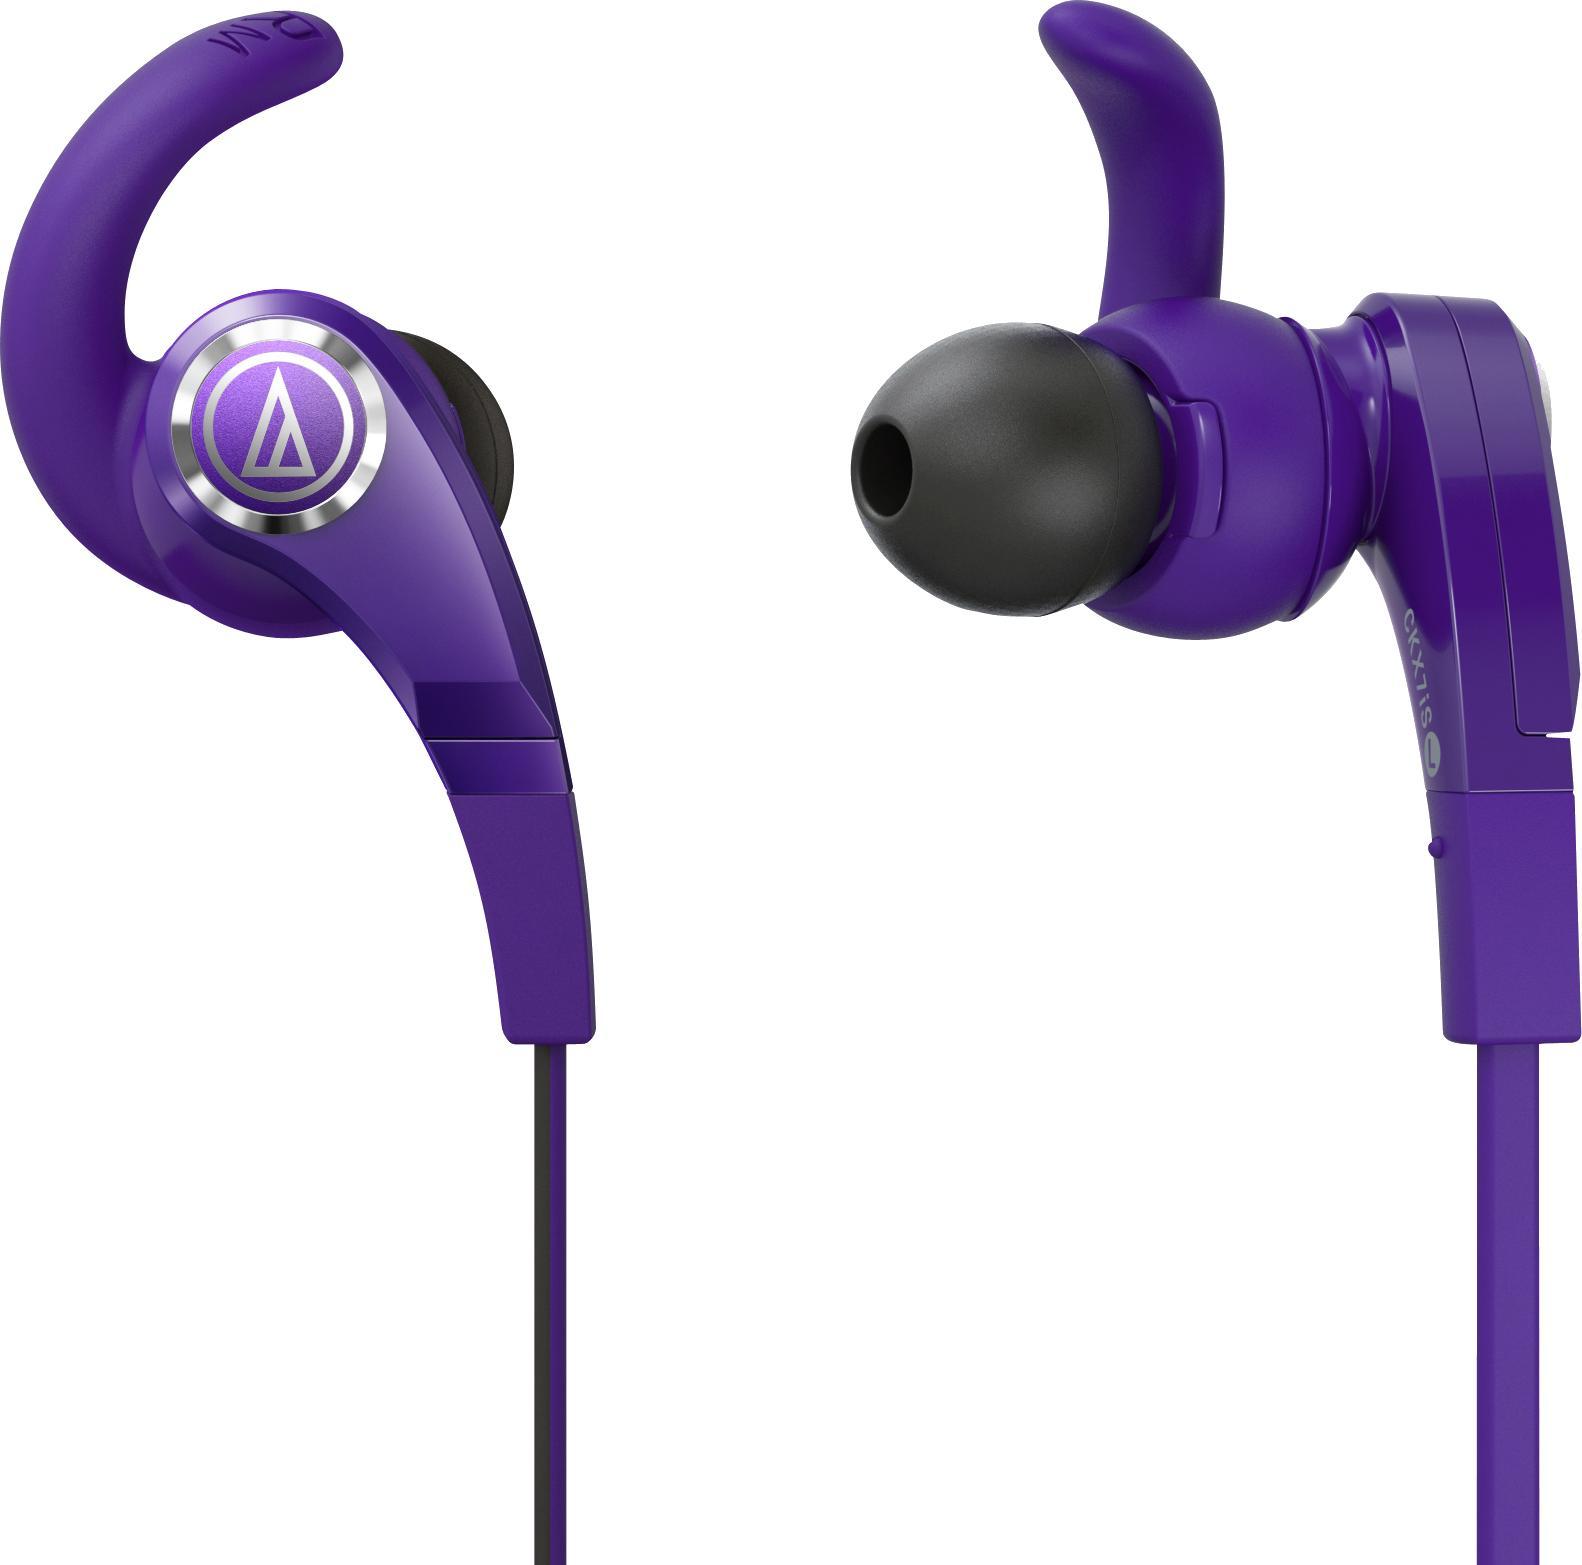 Audio-Technica ATH-CKX7iS